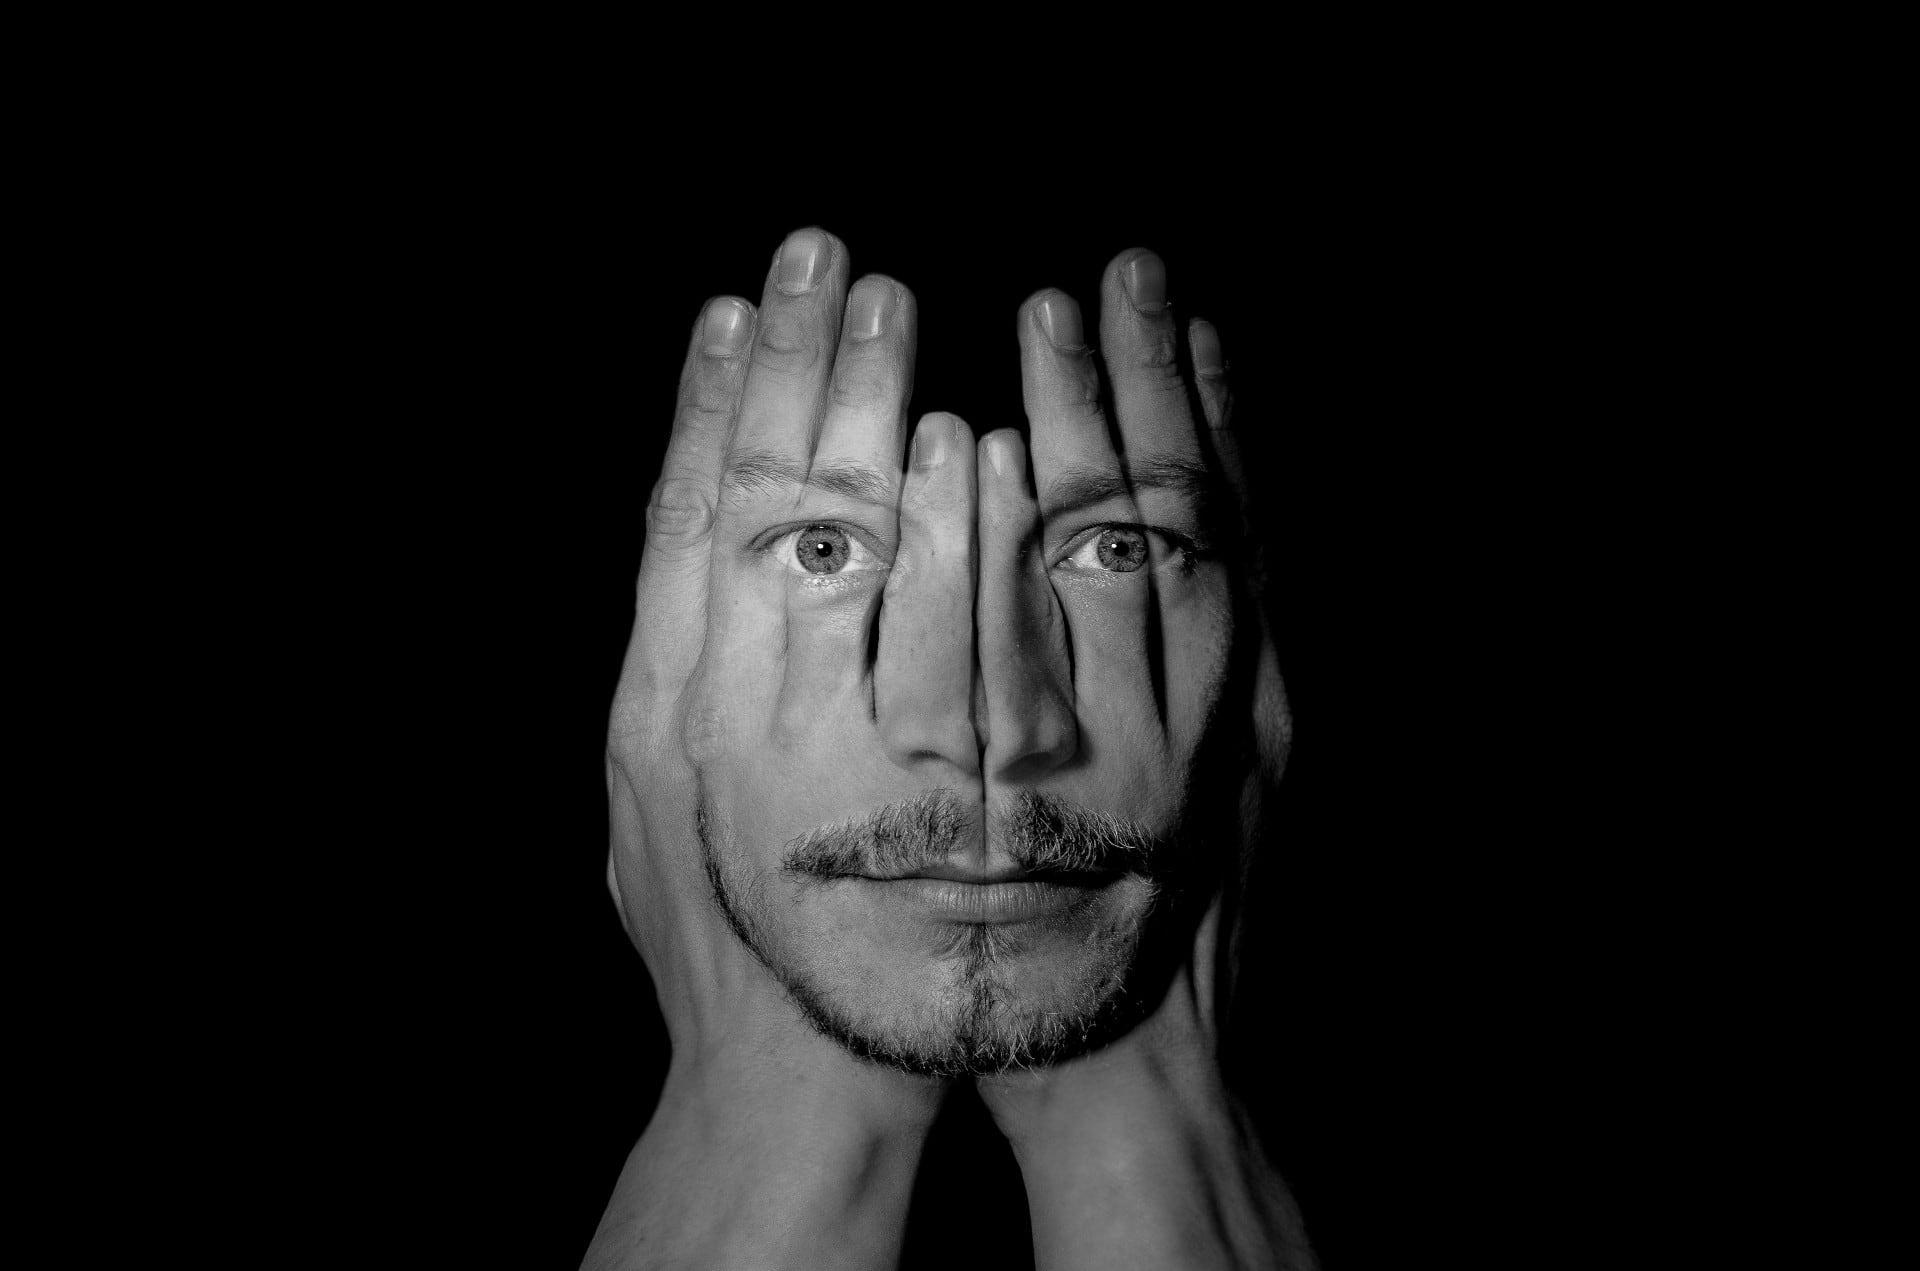 man-gezicht-in-handen